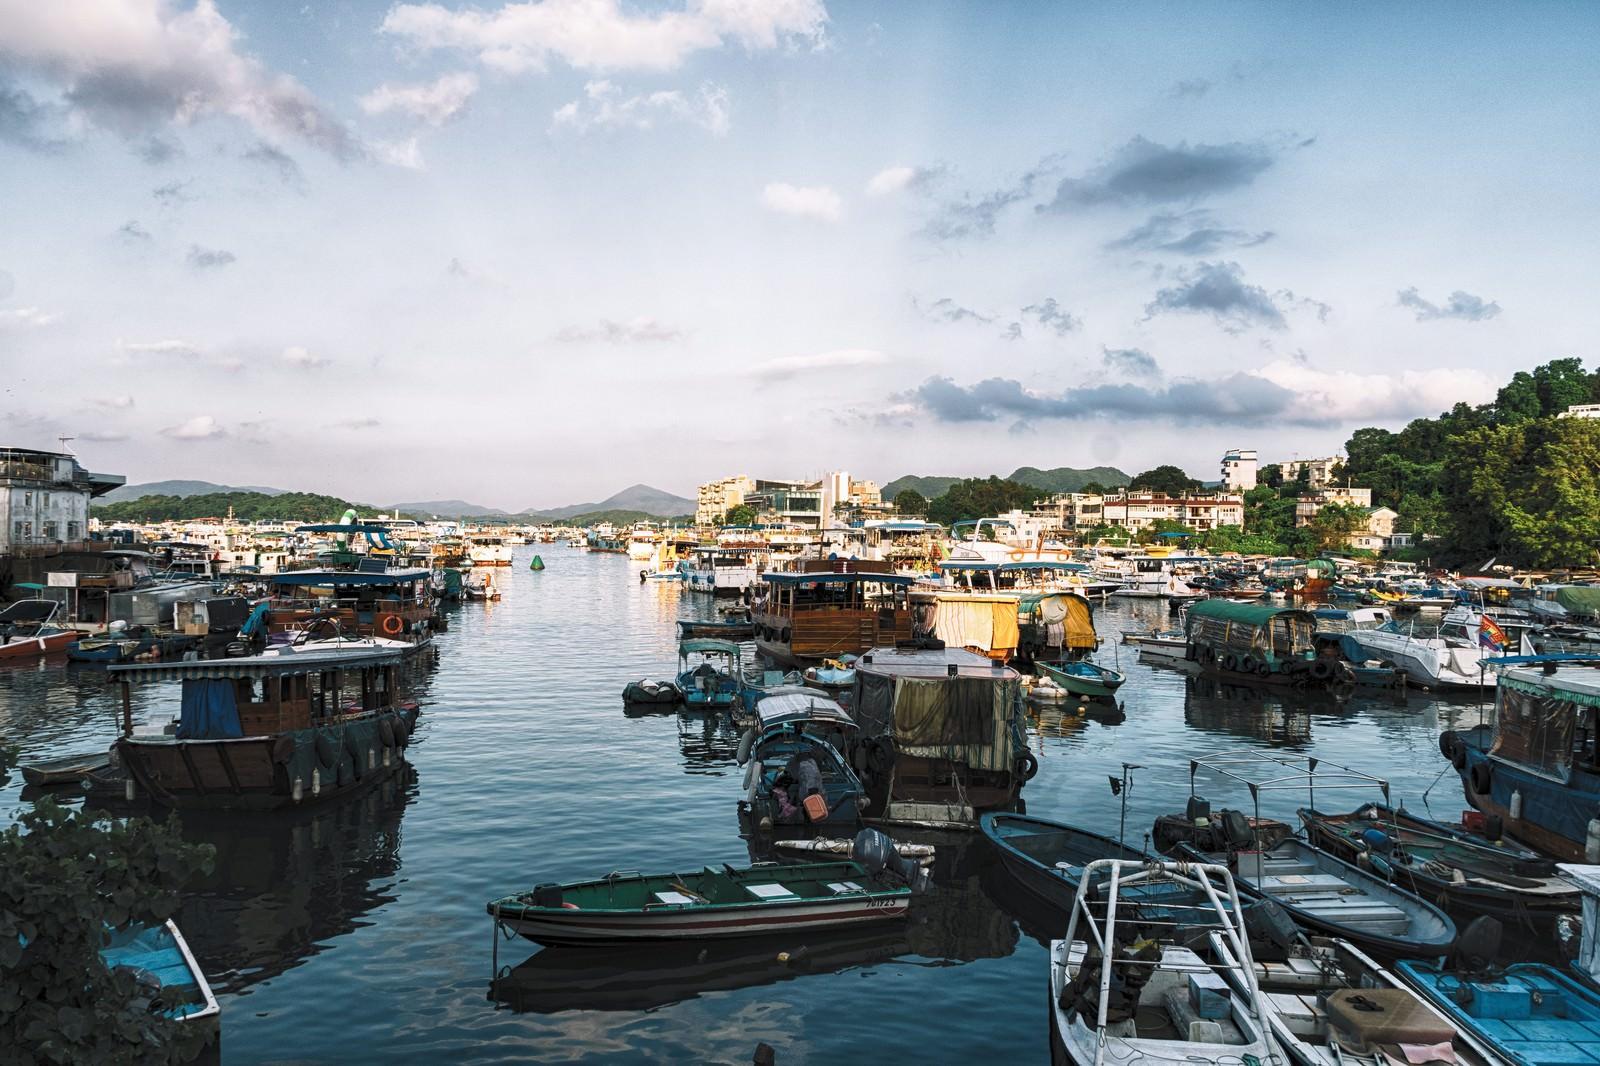 「西貢(サイゴン)の港沿い」の写真